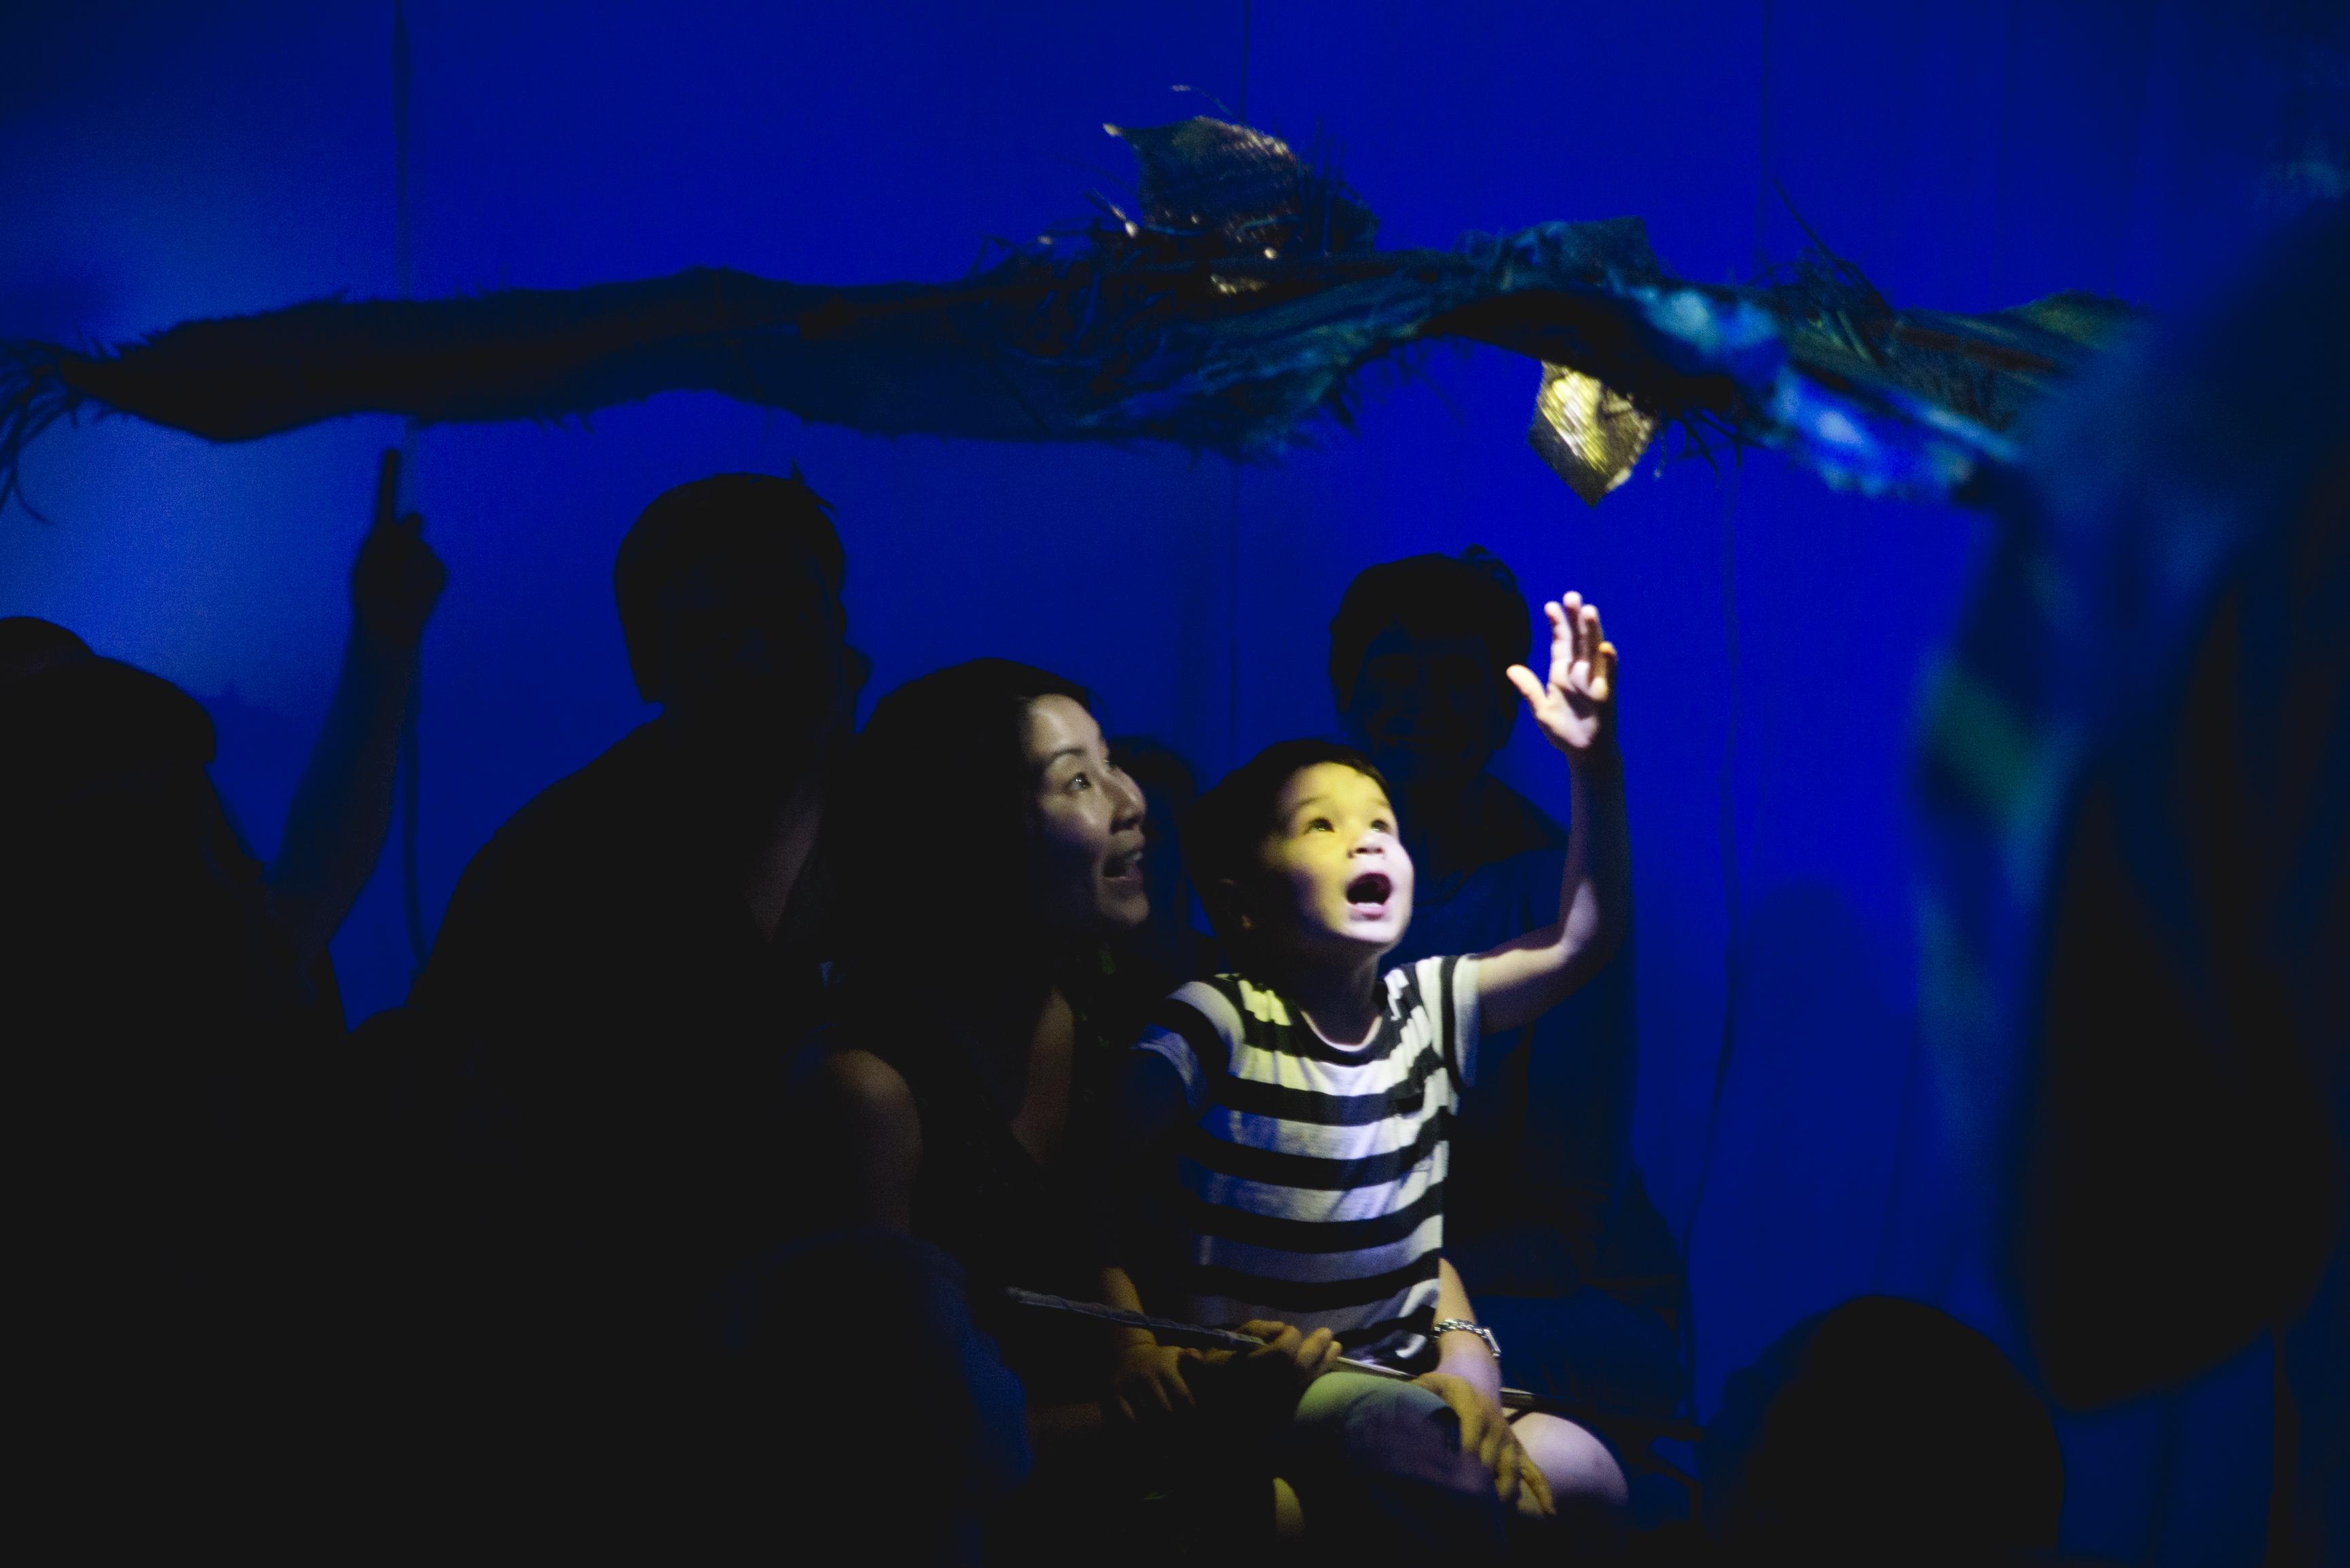 Cerita Anak (Child's Story)